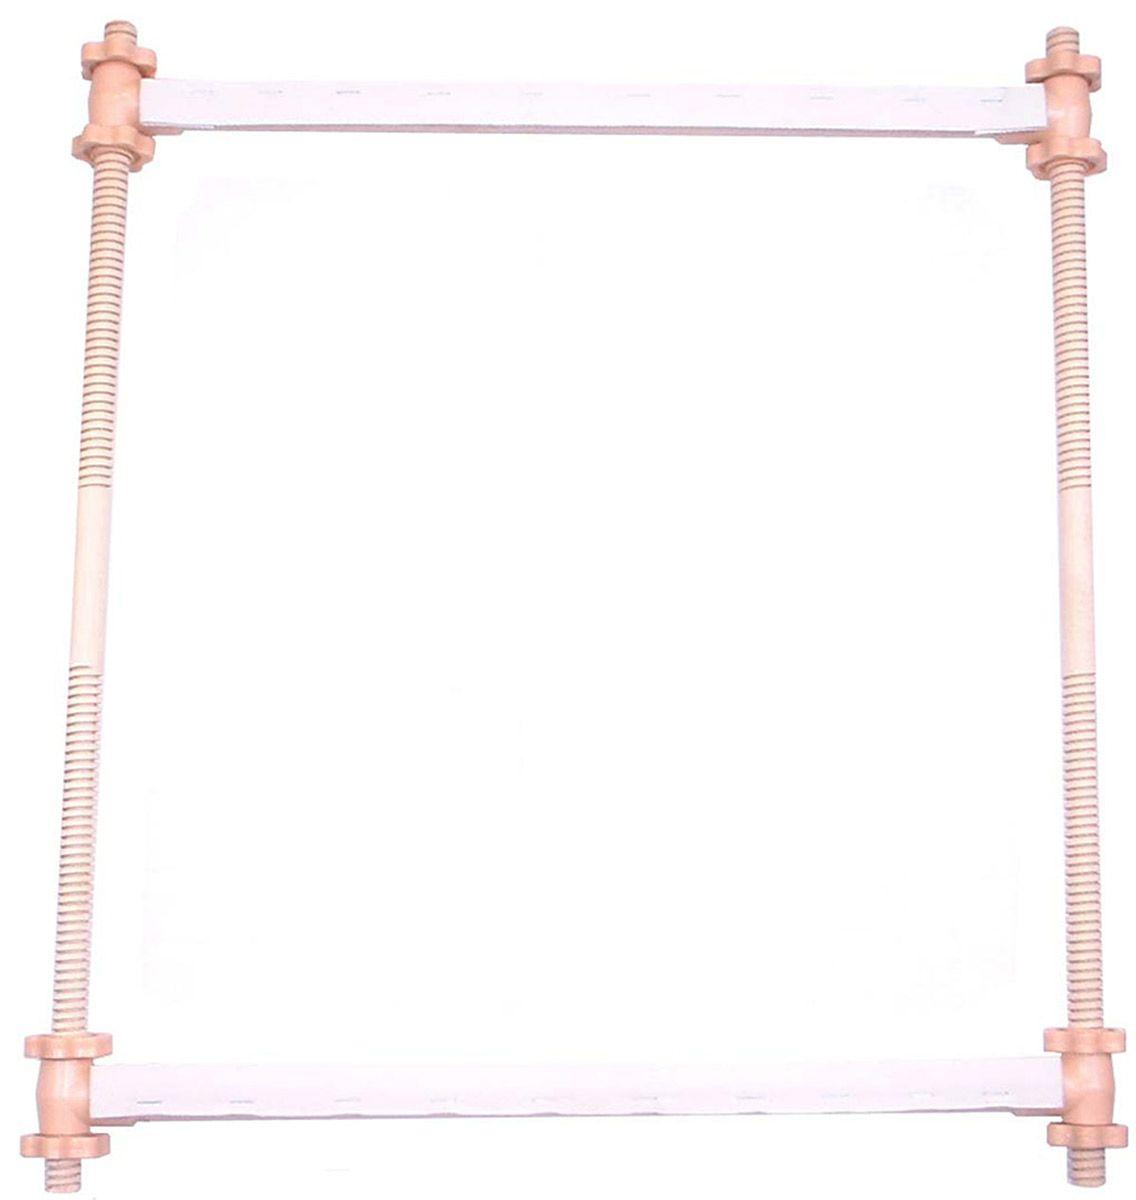 Пяльцы-рамка Elbesee с регулируемыми планками, 61 х 55 смSFO24Высота винтовых боковых планок регулируется от 13 до 52 см. Канва легко прокручивается на планках. Материал: дерево